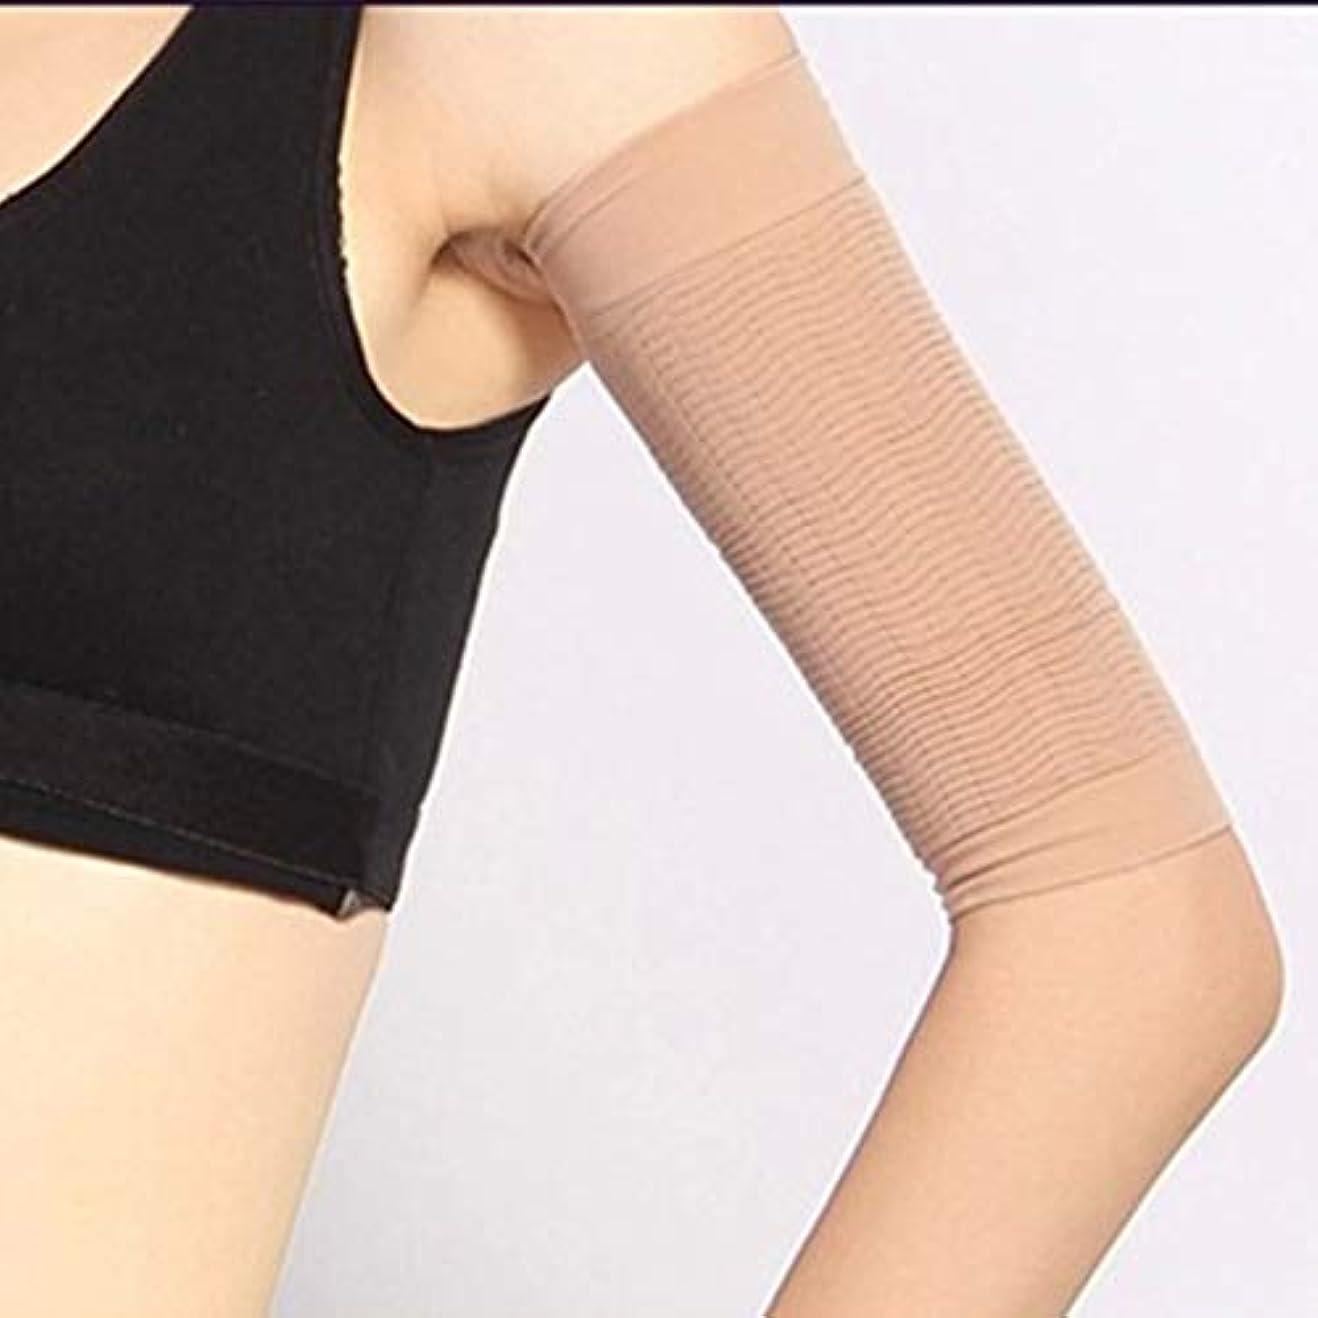 敬意を表してビデオフェローシップ1ペア420 D圧縮痩身アームスリーブワークアウトトーニングバーンセルライトシェイパー脂肪燃焼袖用女性 - 肌色